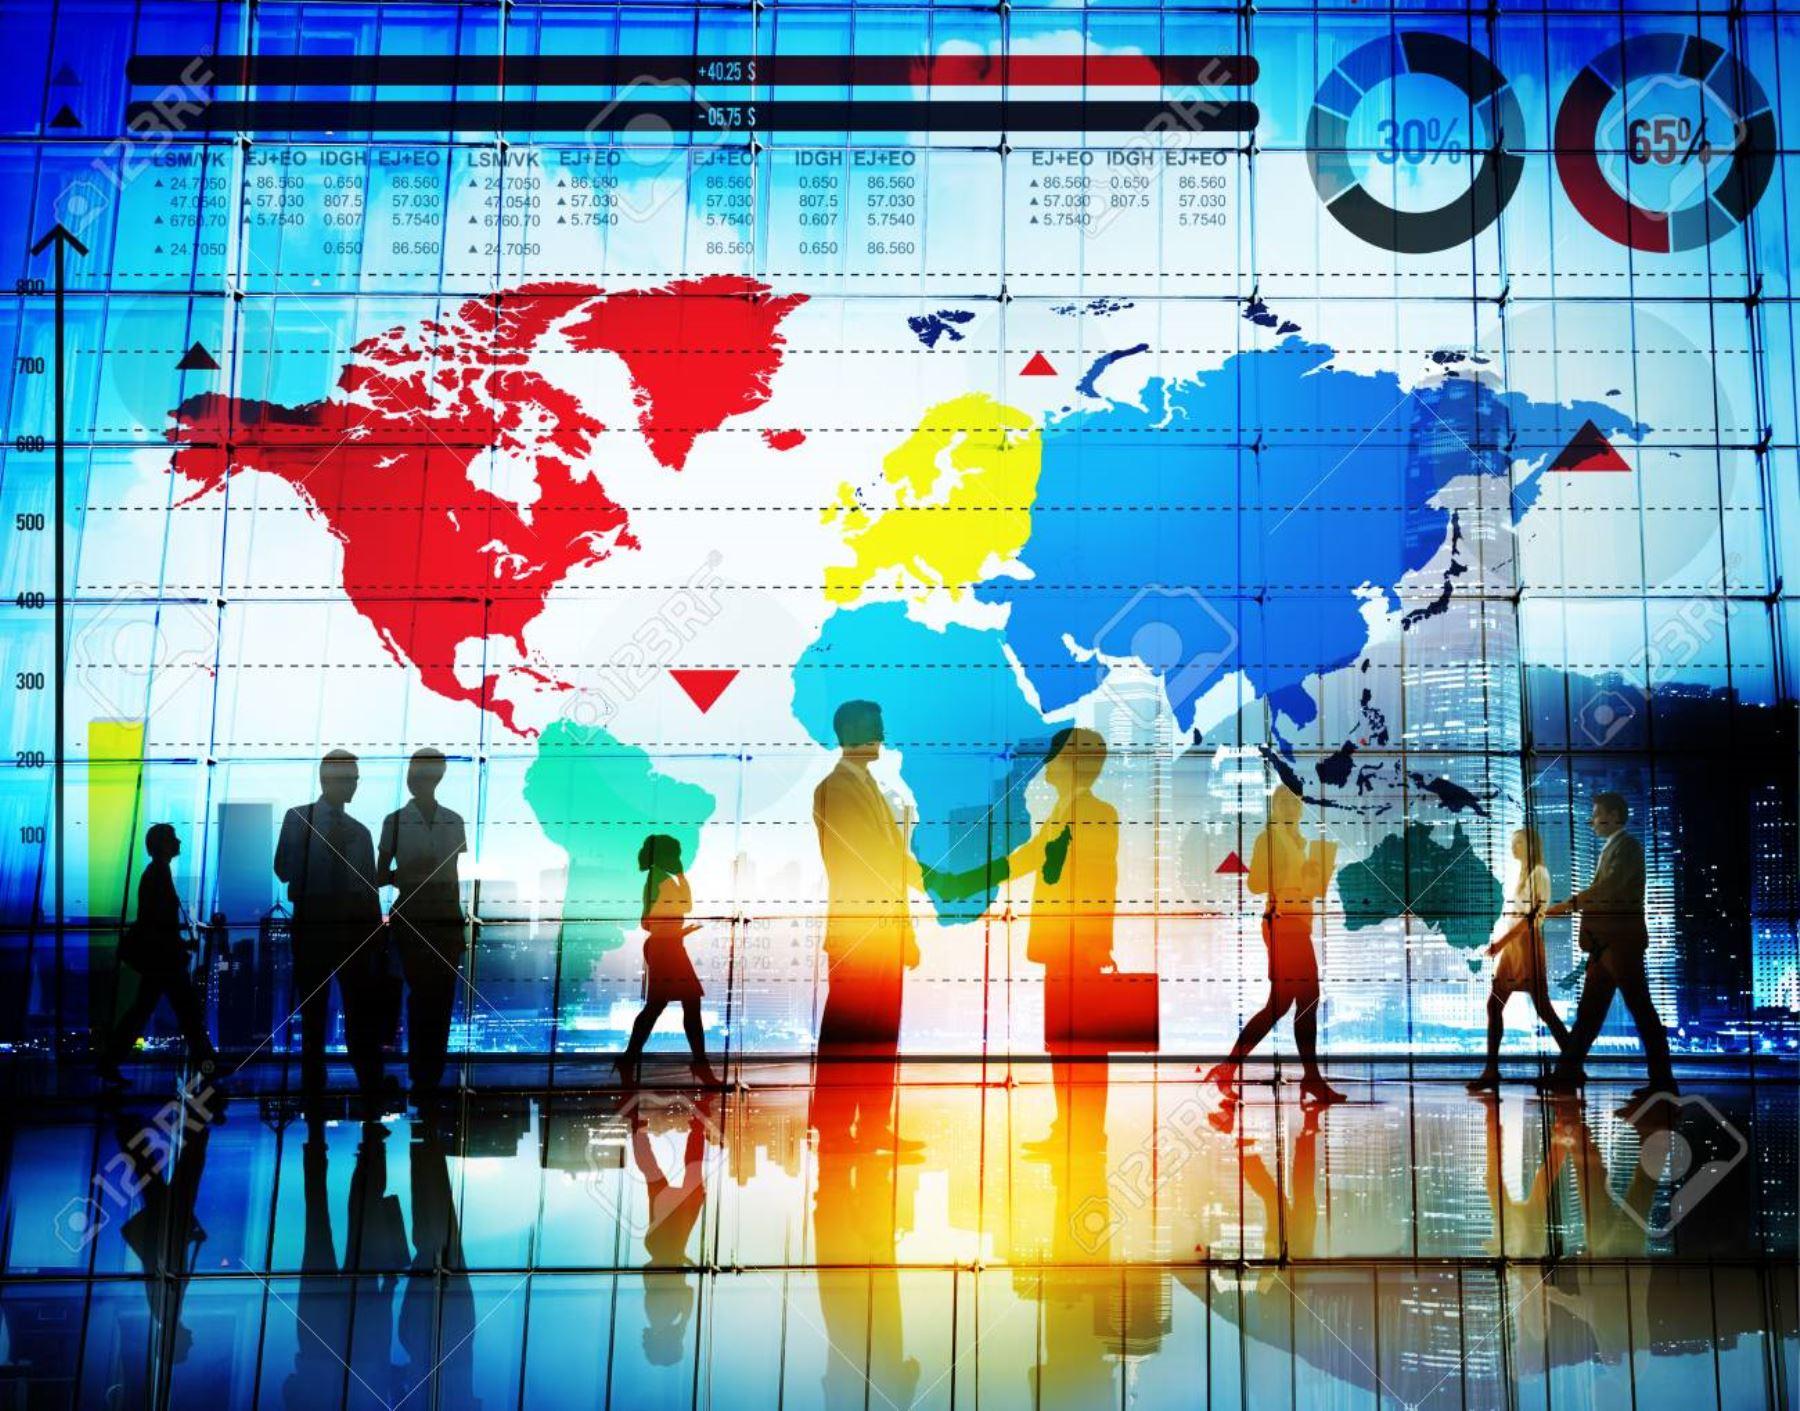 Guerra comercial entre los Estados Unidos y China genera reacomodo de inversiones. INTERNET/Medios